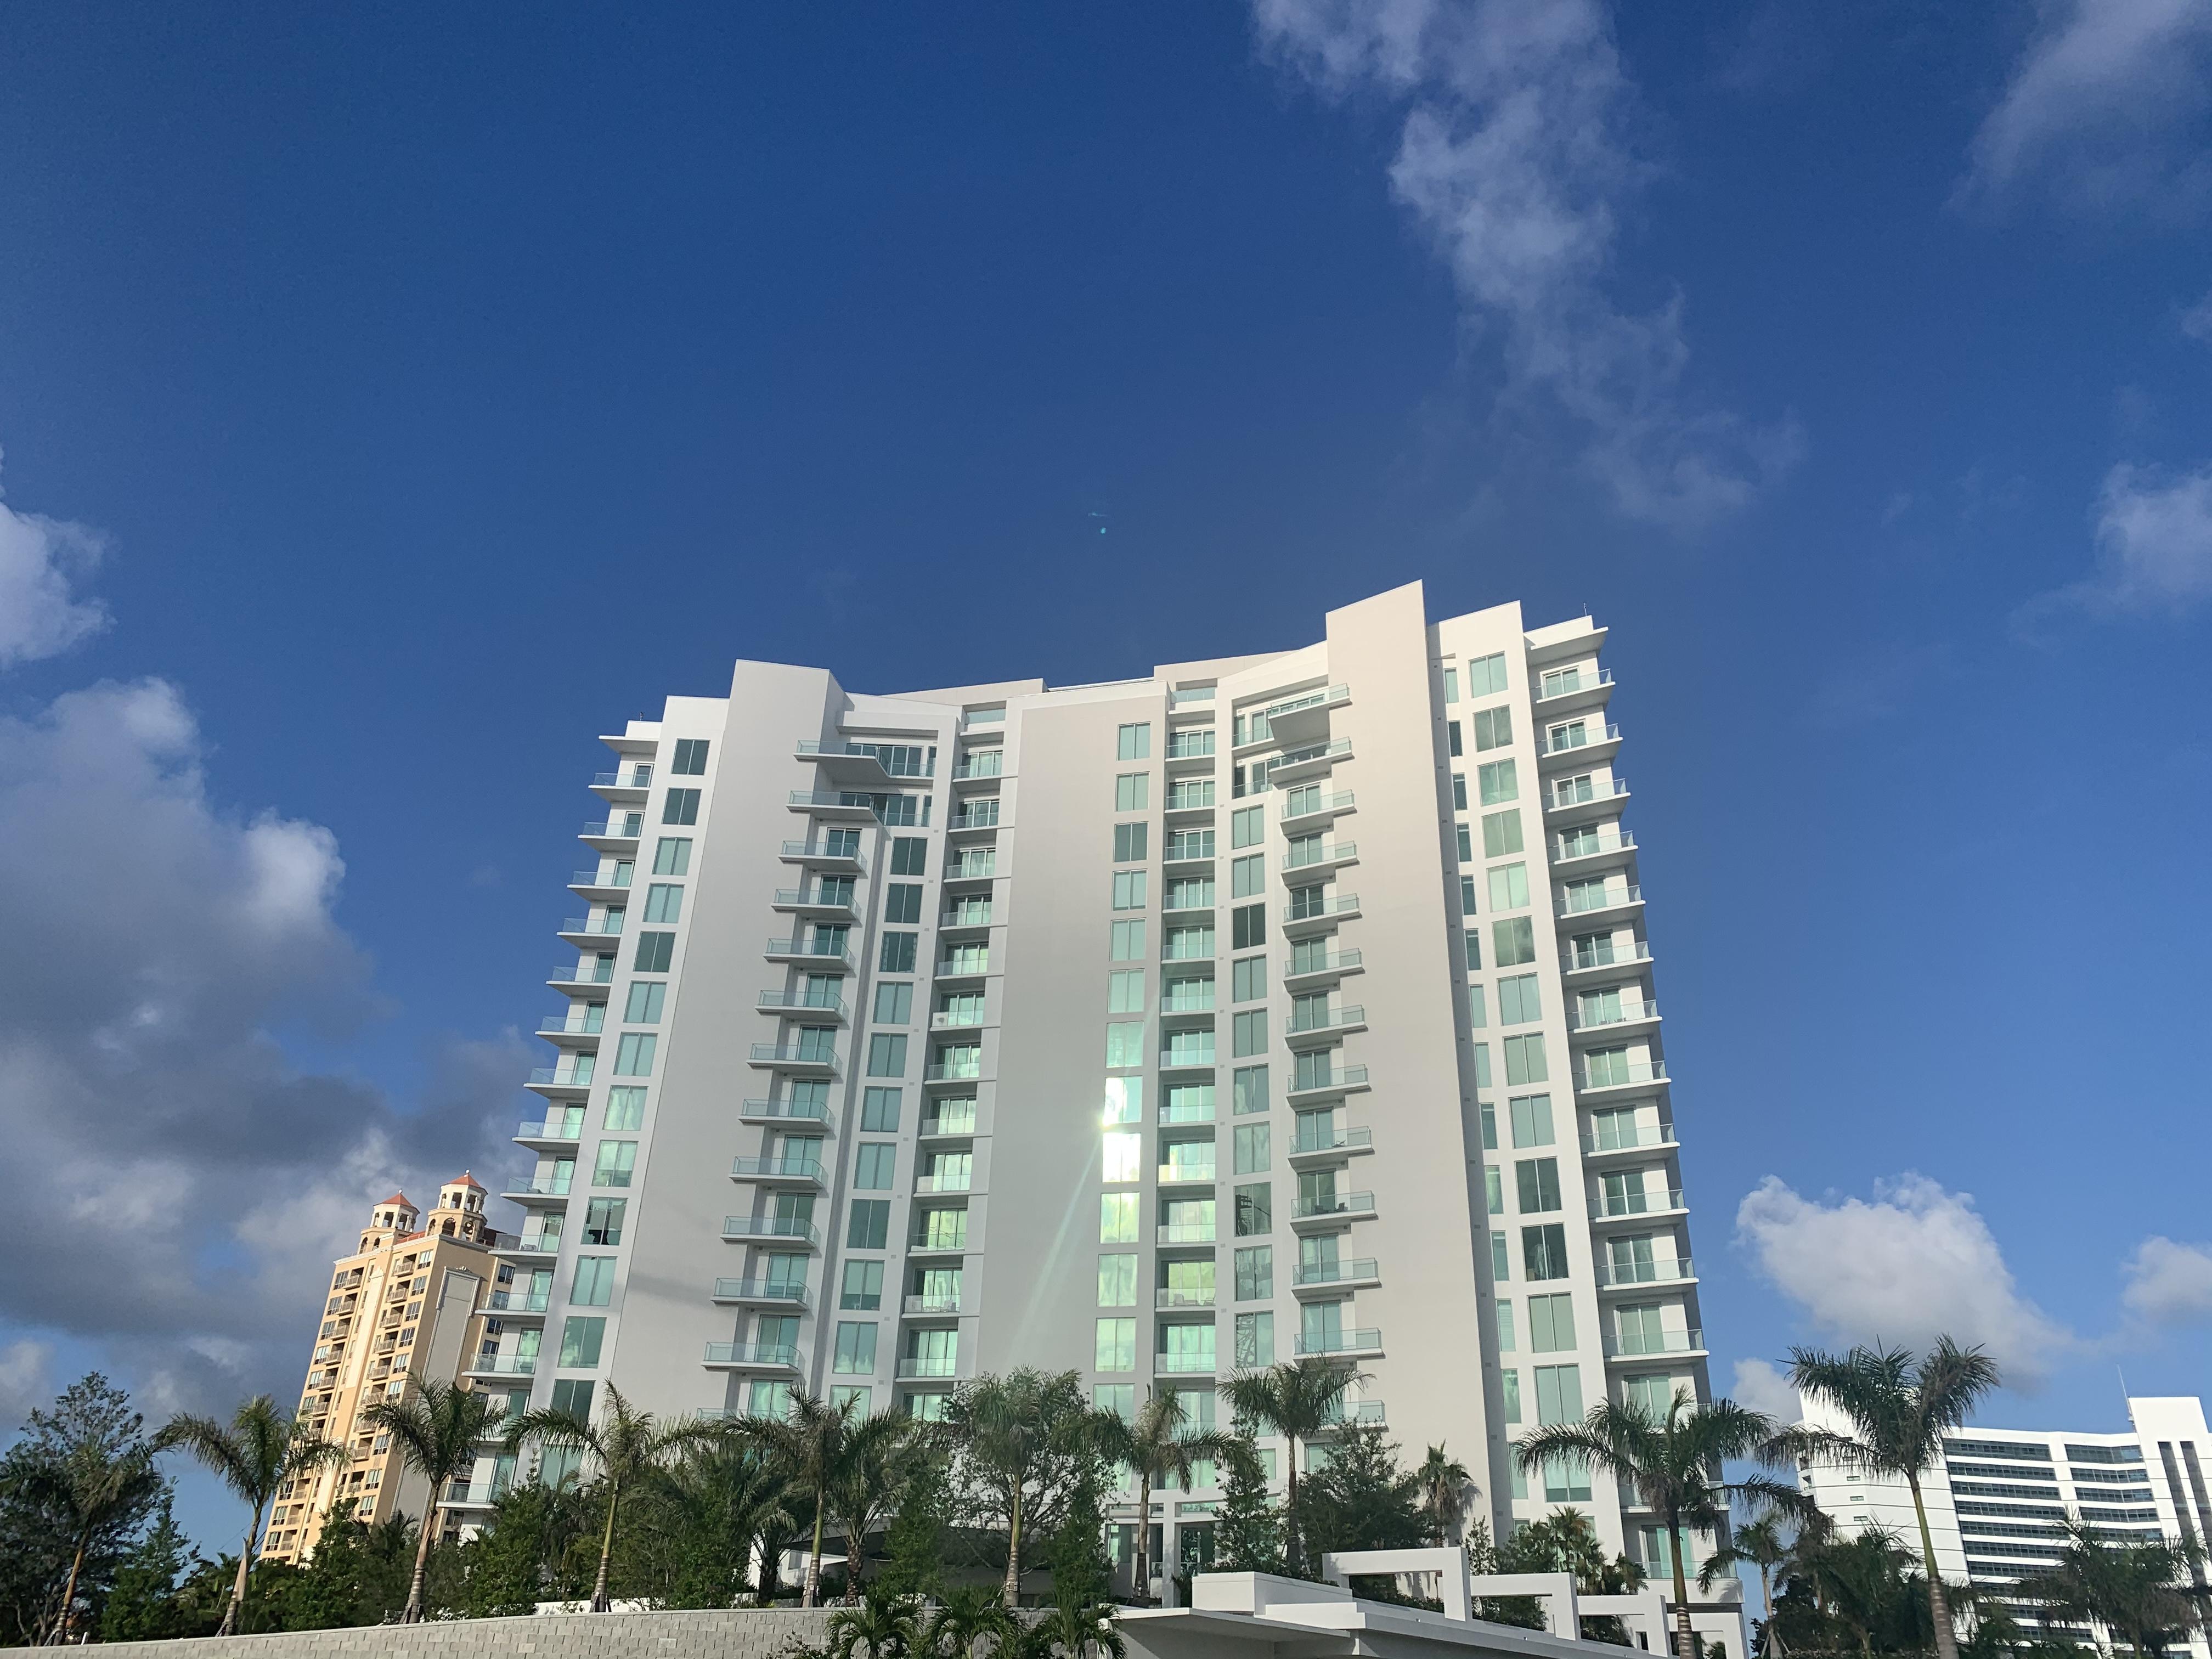 Ritz Carlton Grande Downtown Sarasota Condos